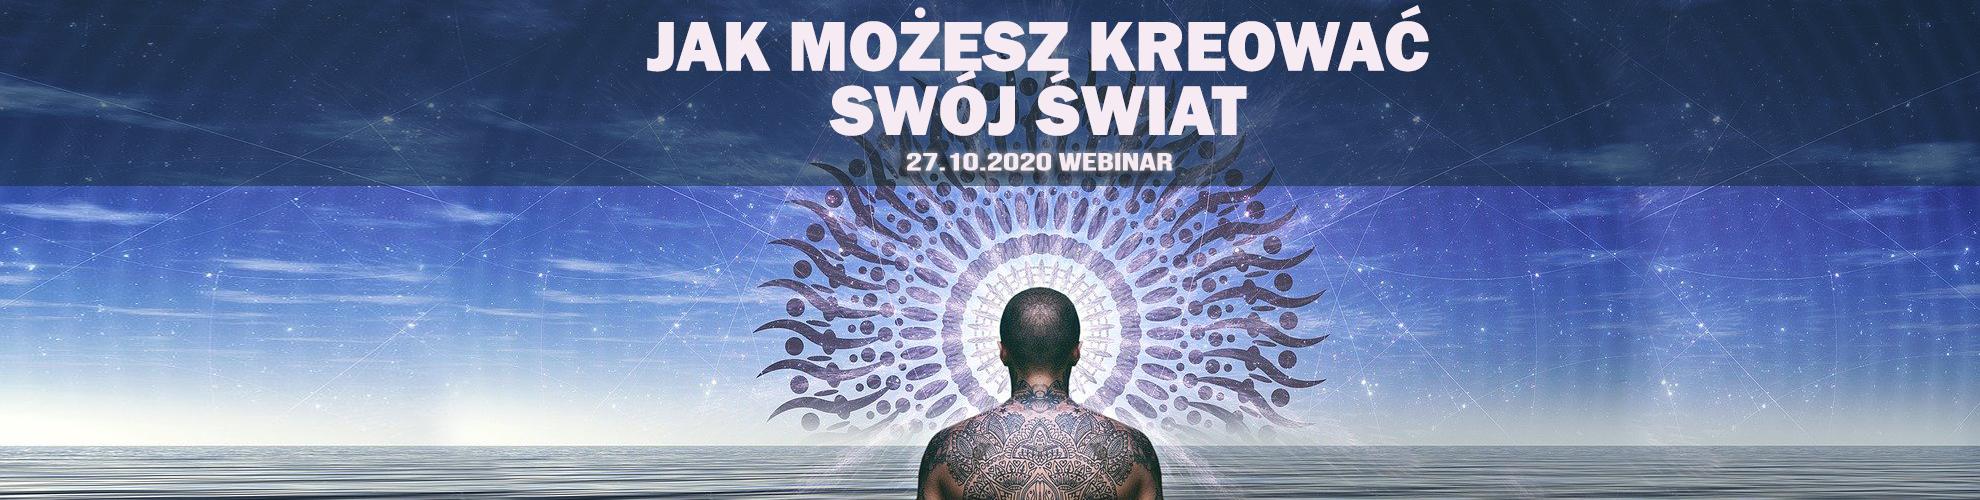 JAK-MOZESZ-KREOWAC-SWOJ-SWIAT-IV-WEBINAR-2